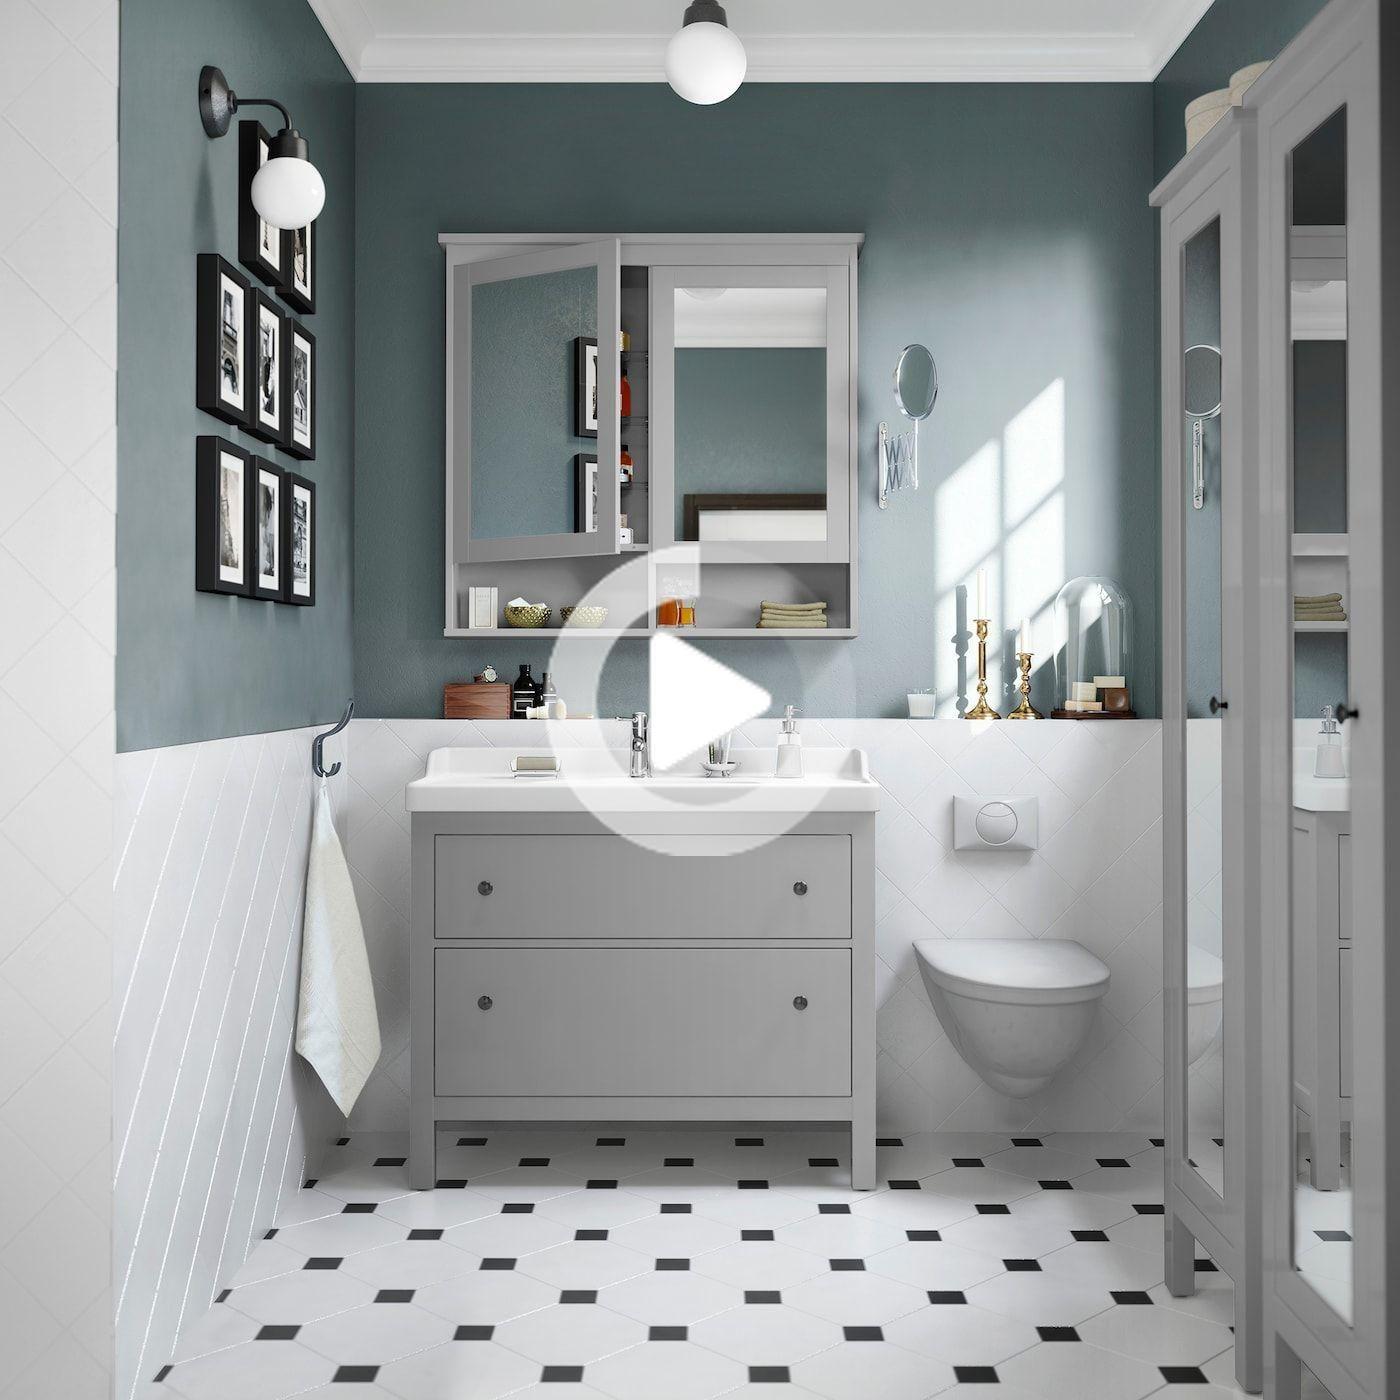 Elegantes Badezimmer In Hellen Farben In 2020 Elegant Bathroom Bathroom Fixer Upper